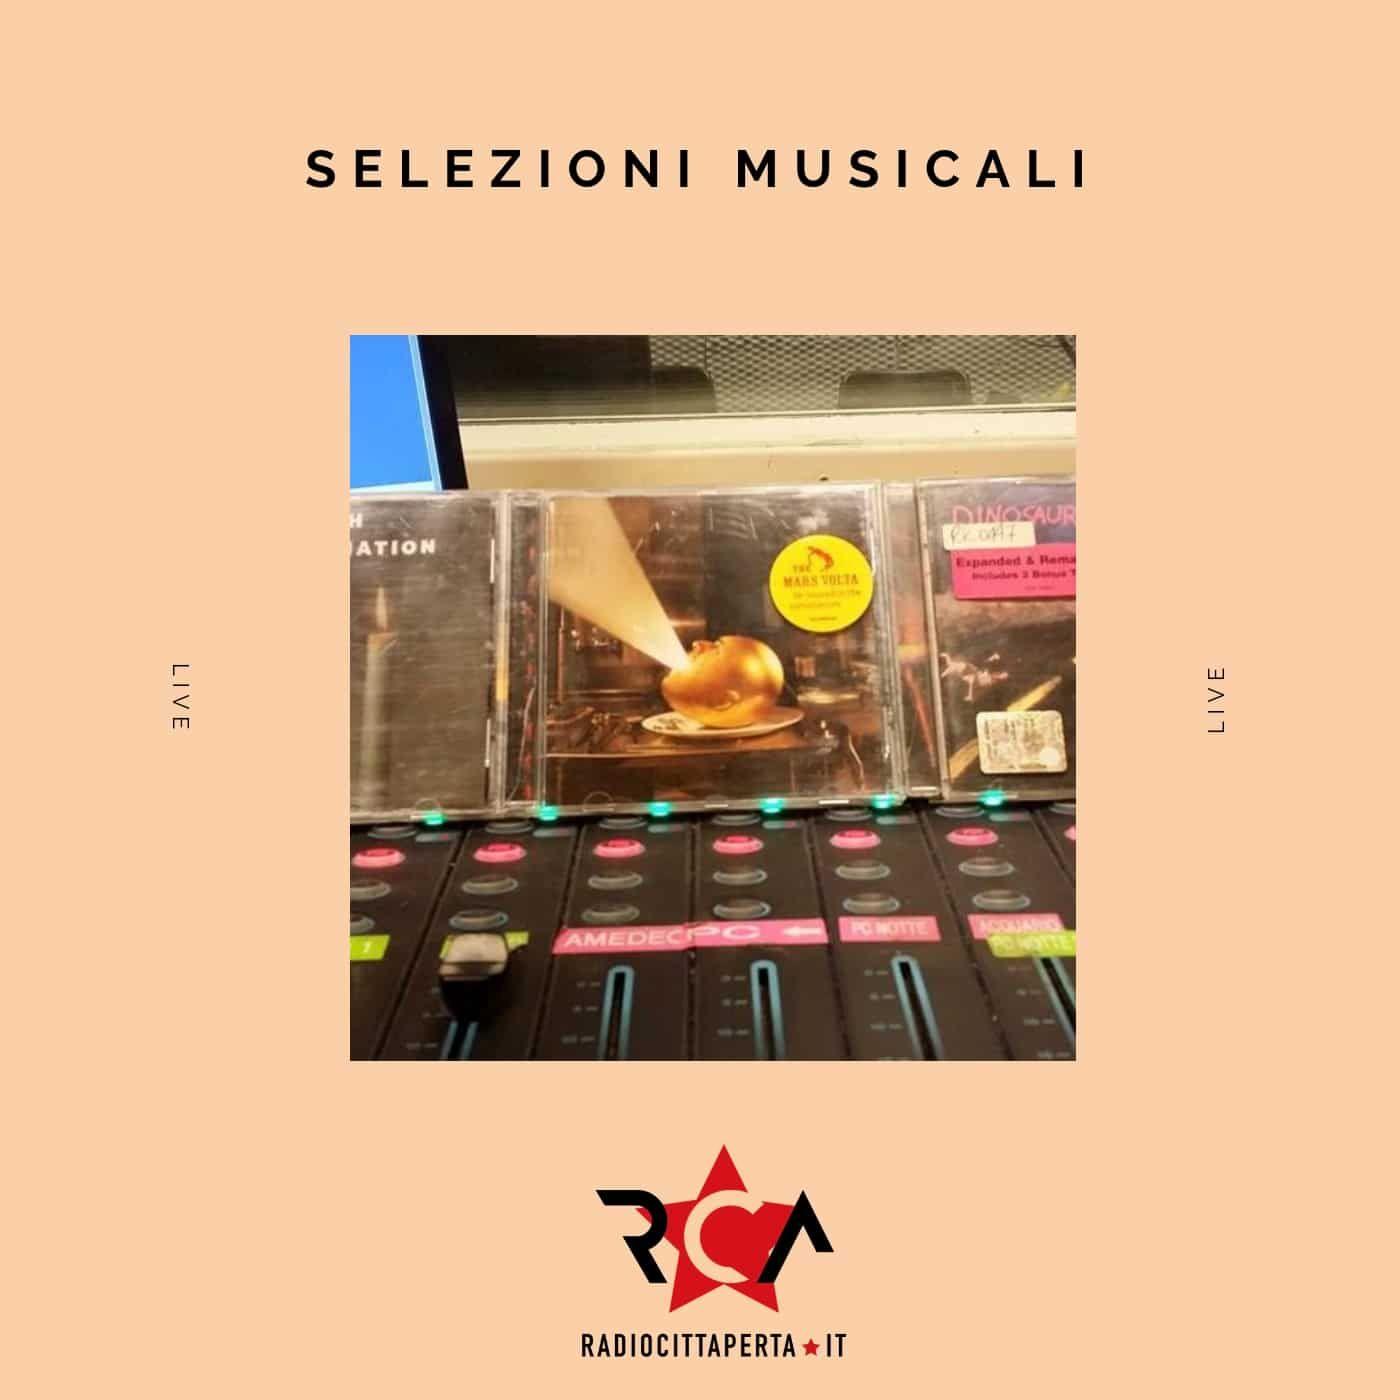 SELEZIONI MUSICALI